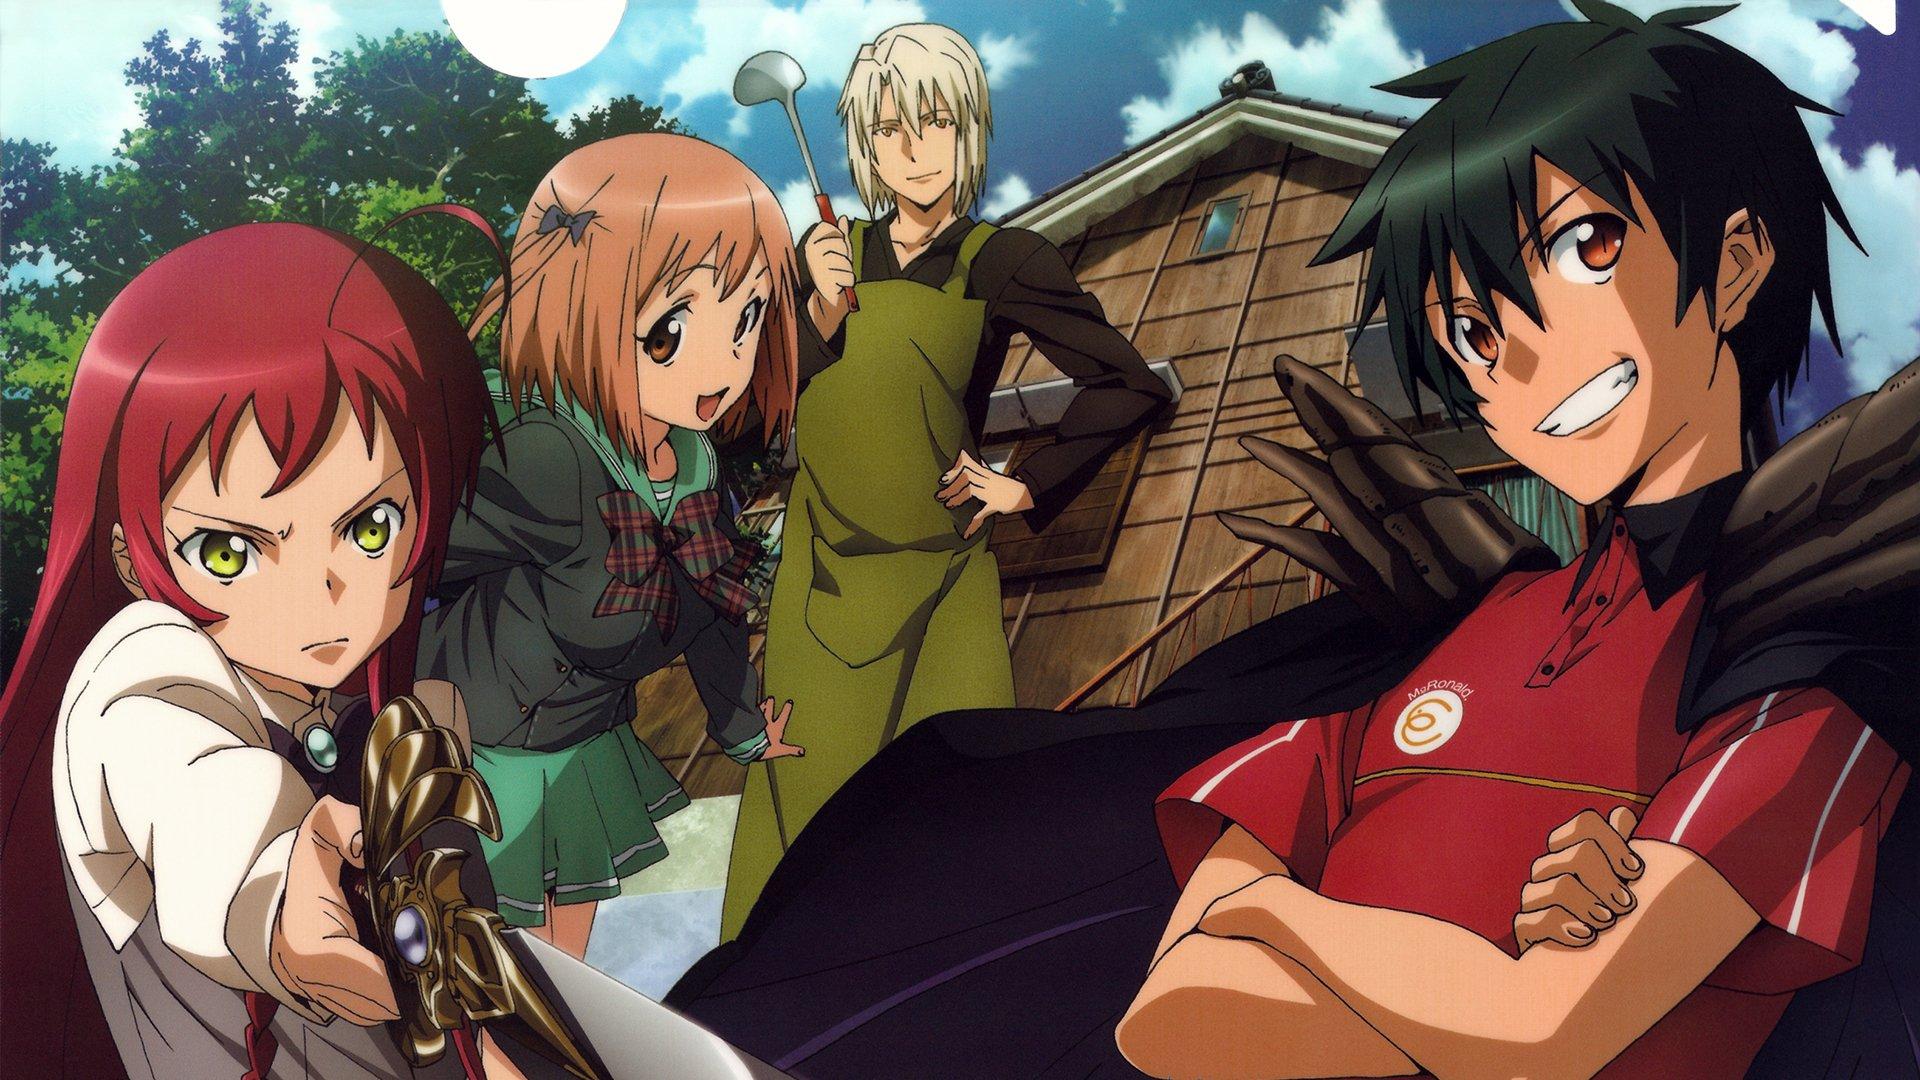 Melihat Dunia Iblis dalam Anime bertema Demons Berikut ini ~ Wibunews